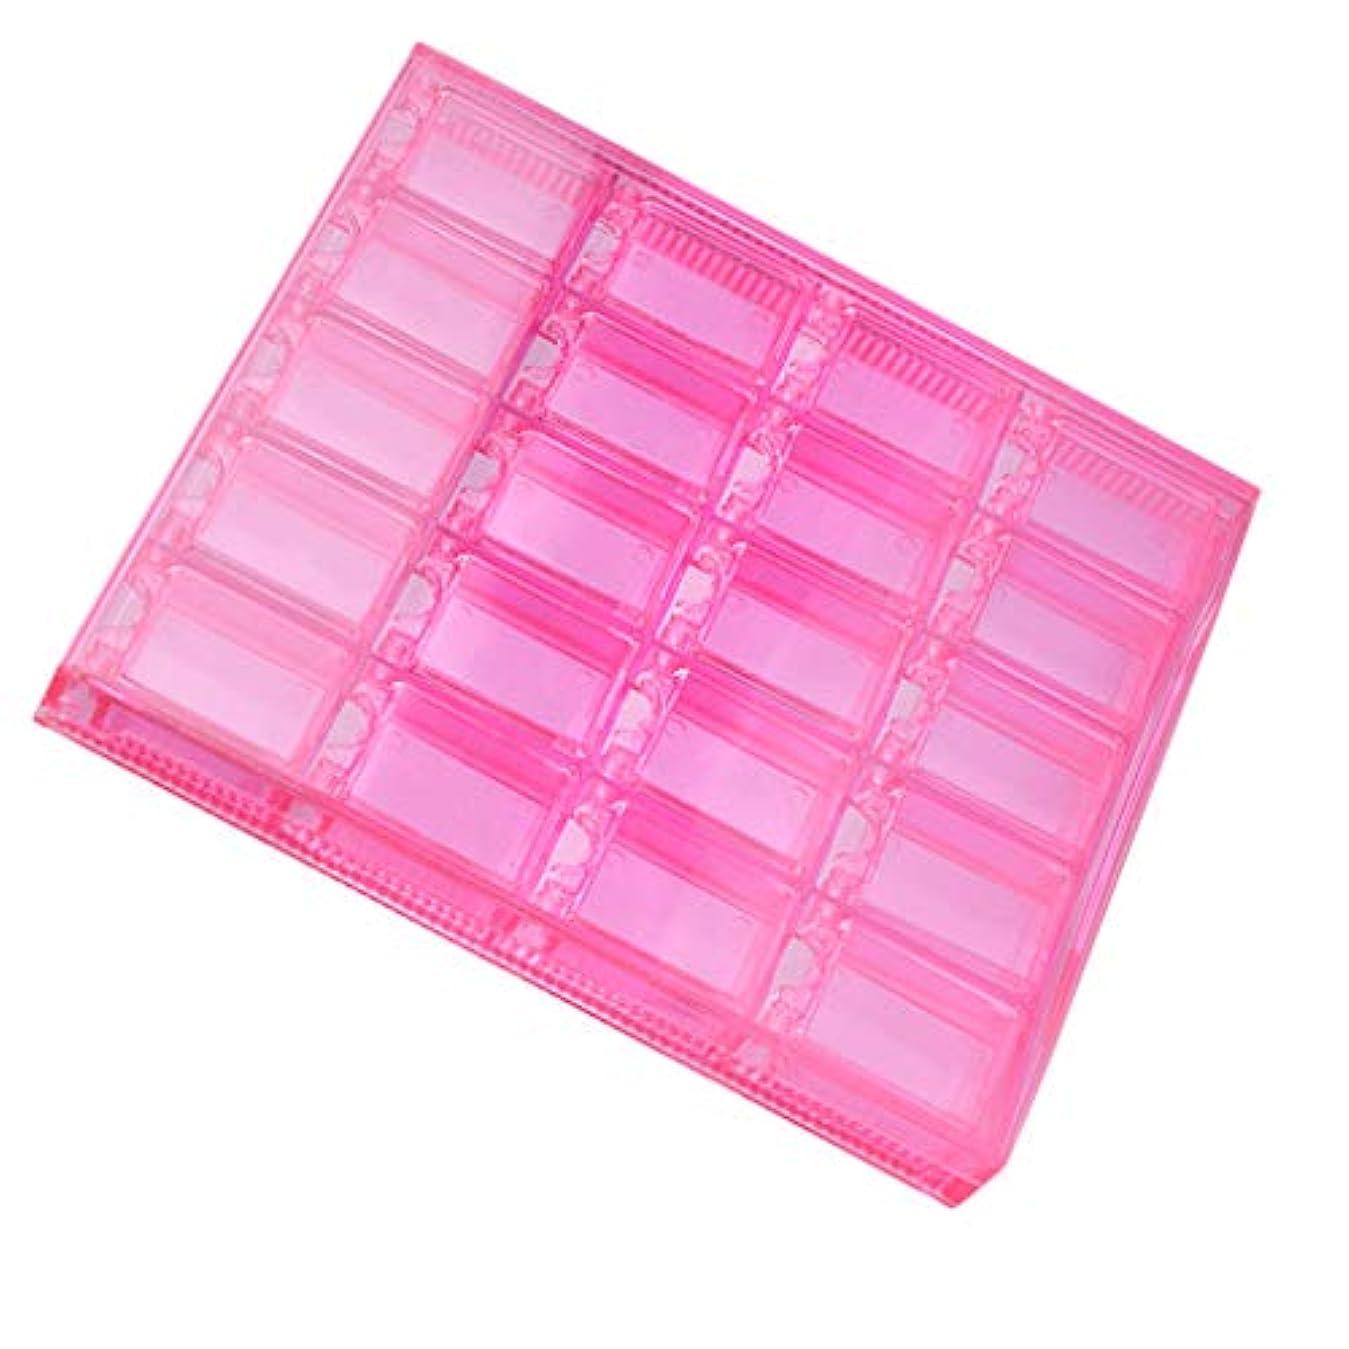 コンパイル社会科着替えるPerfeclan ネイル収納ケース 仕切りボックス 収納ボックス ジュエリー ラインストーン ビーズ 小物入れ 収納ケース 2色 - ピンク